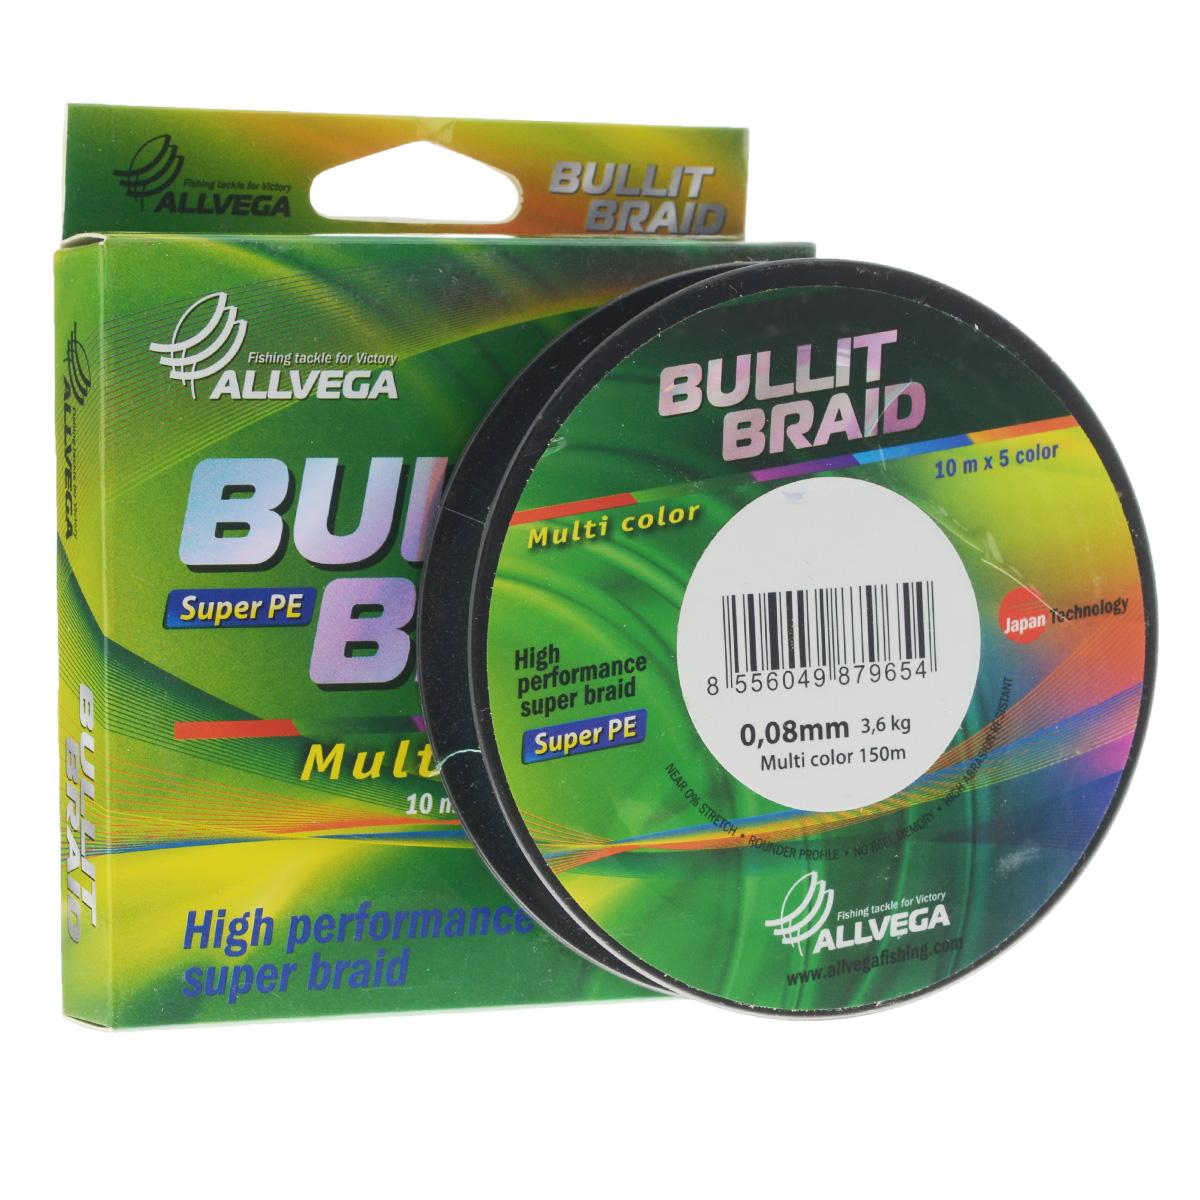 Леска плетеная Allvega Bullit Braid, цвет: мультиколор, 150 м, 0,08 мм, 3,6 кг21429Леска Allvega Bullit Braid с гладкой поверхностью и одинаковым сечением по всей длине обладает высокой износостойкостью. Благодаря микроволокнам полиэтилена (Super PE) леска имеет очень плотное плетение и не впитывает воду. Леску Allvega Bullit Braid можно применять в любых типах водоемов. Особенности:повышенная износостойкость;высокая чувствительность - коэффициент растяжения близок к нулю;отсутствует память; идеально гладкая поверхность позволяет увеличить дальность забросов; высокая прочность шнура на узлах.